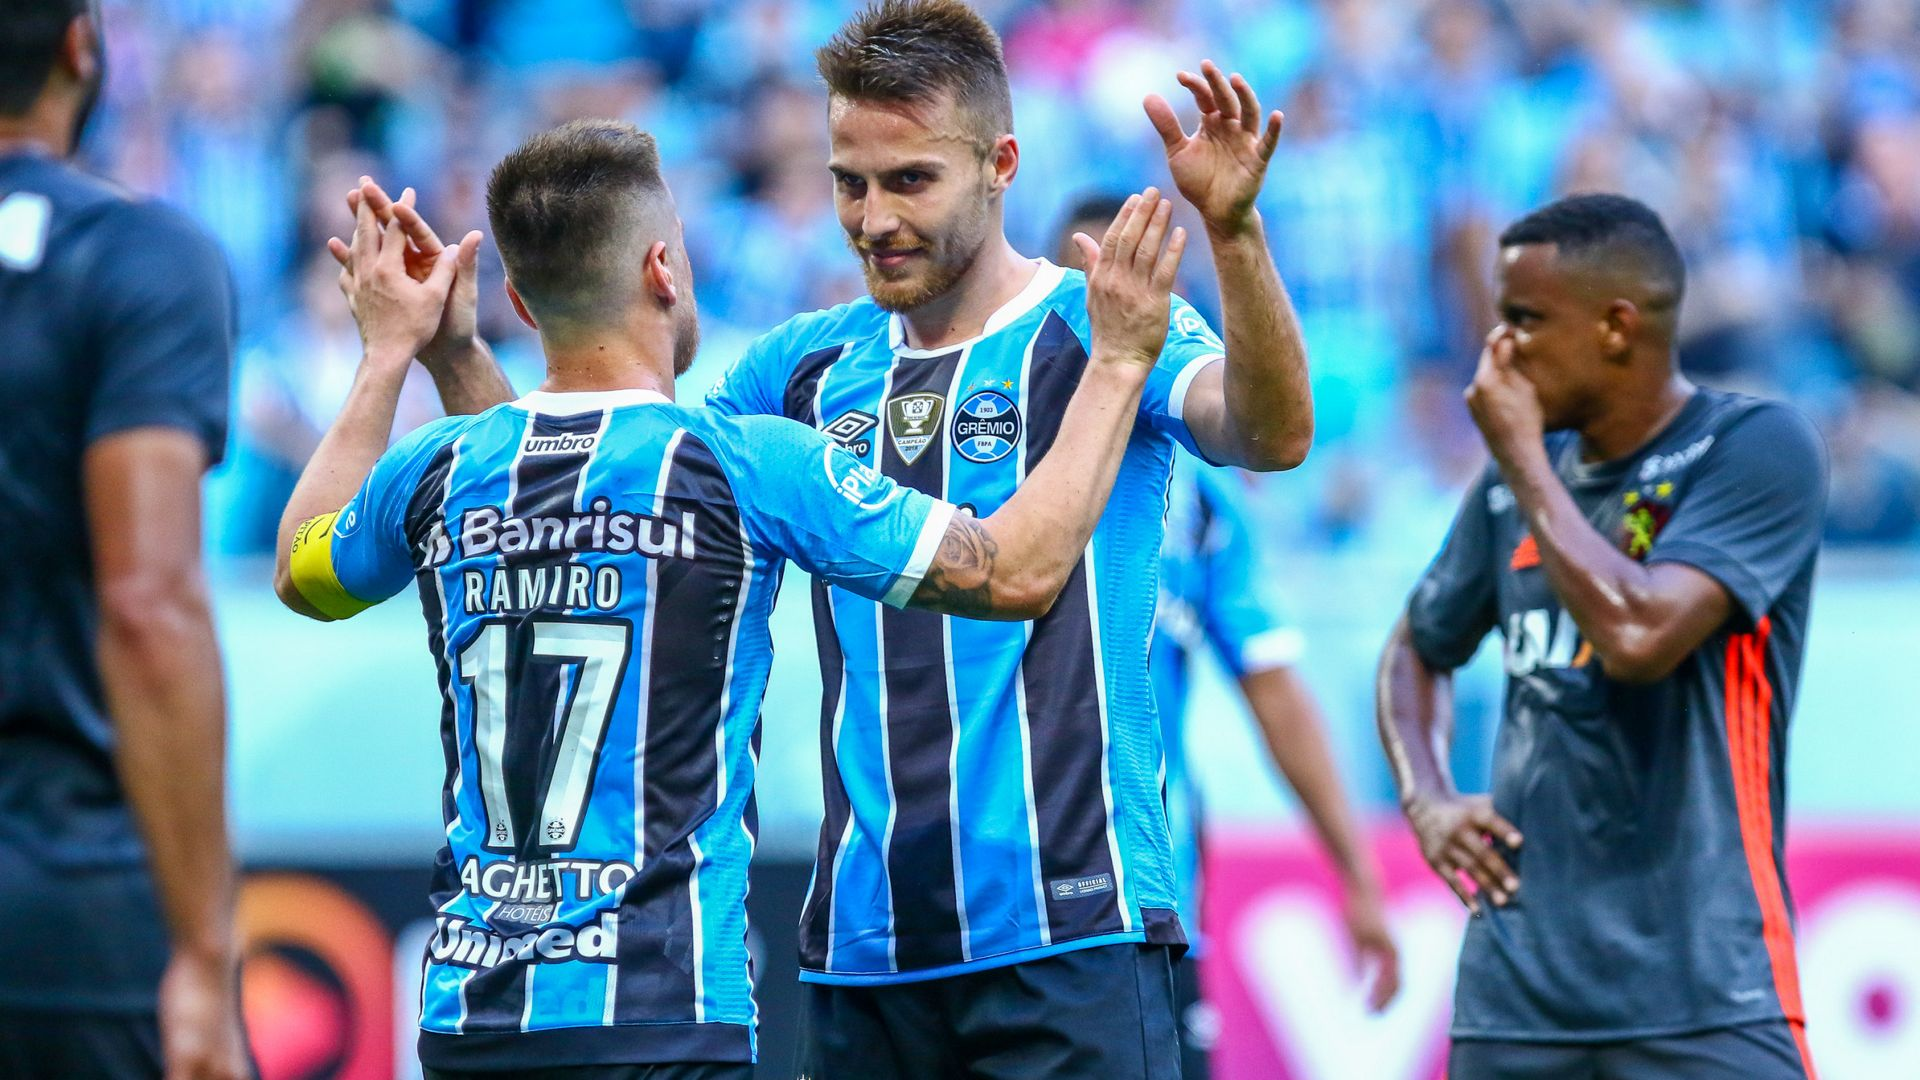 Brasileirão: Grêmio goleia Sport Recife e diminui distância para Corinthians